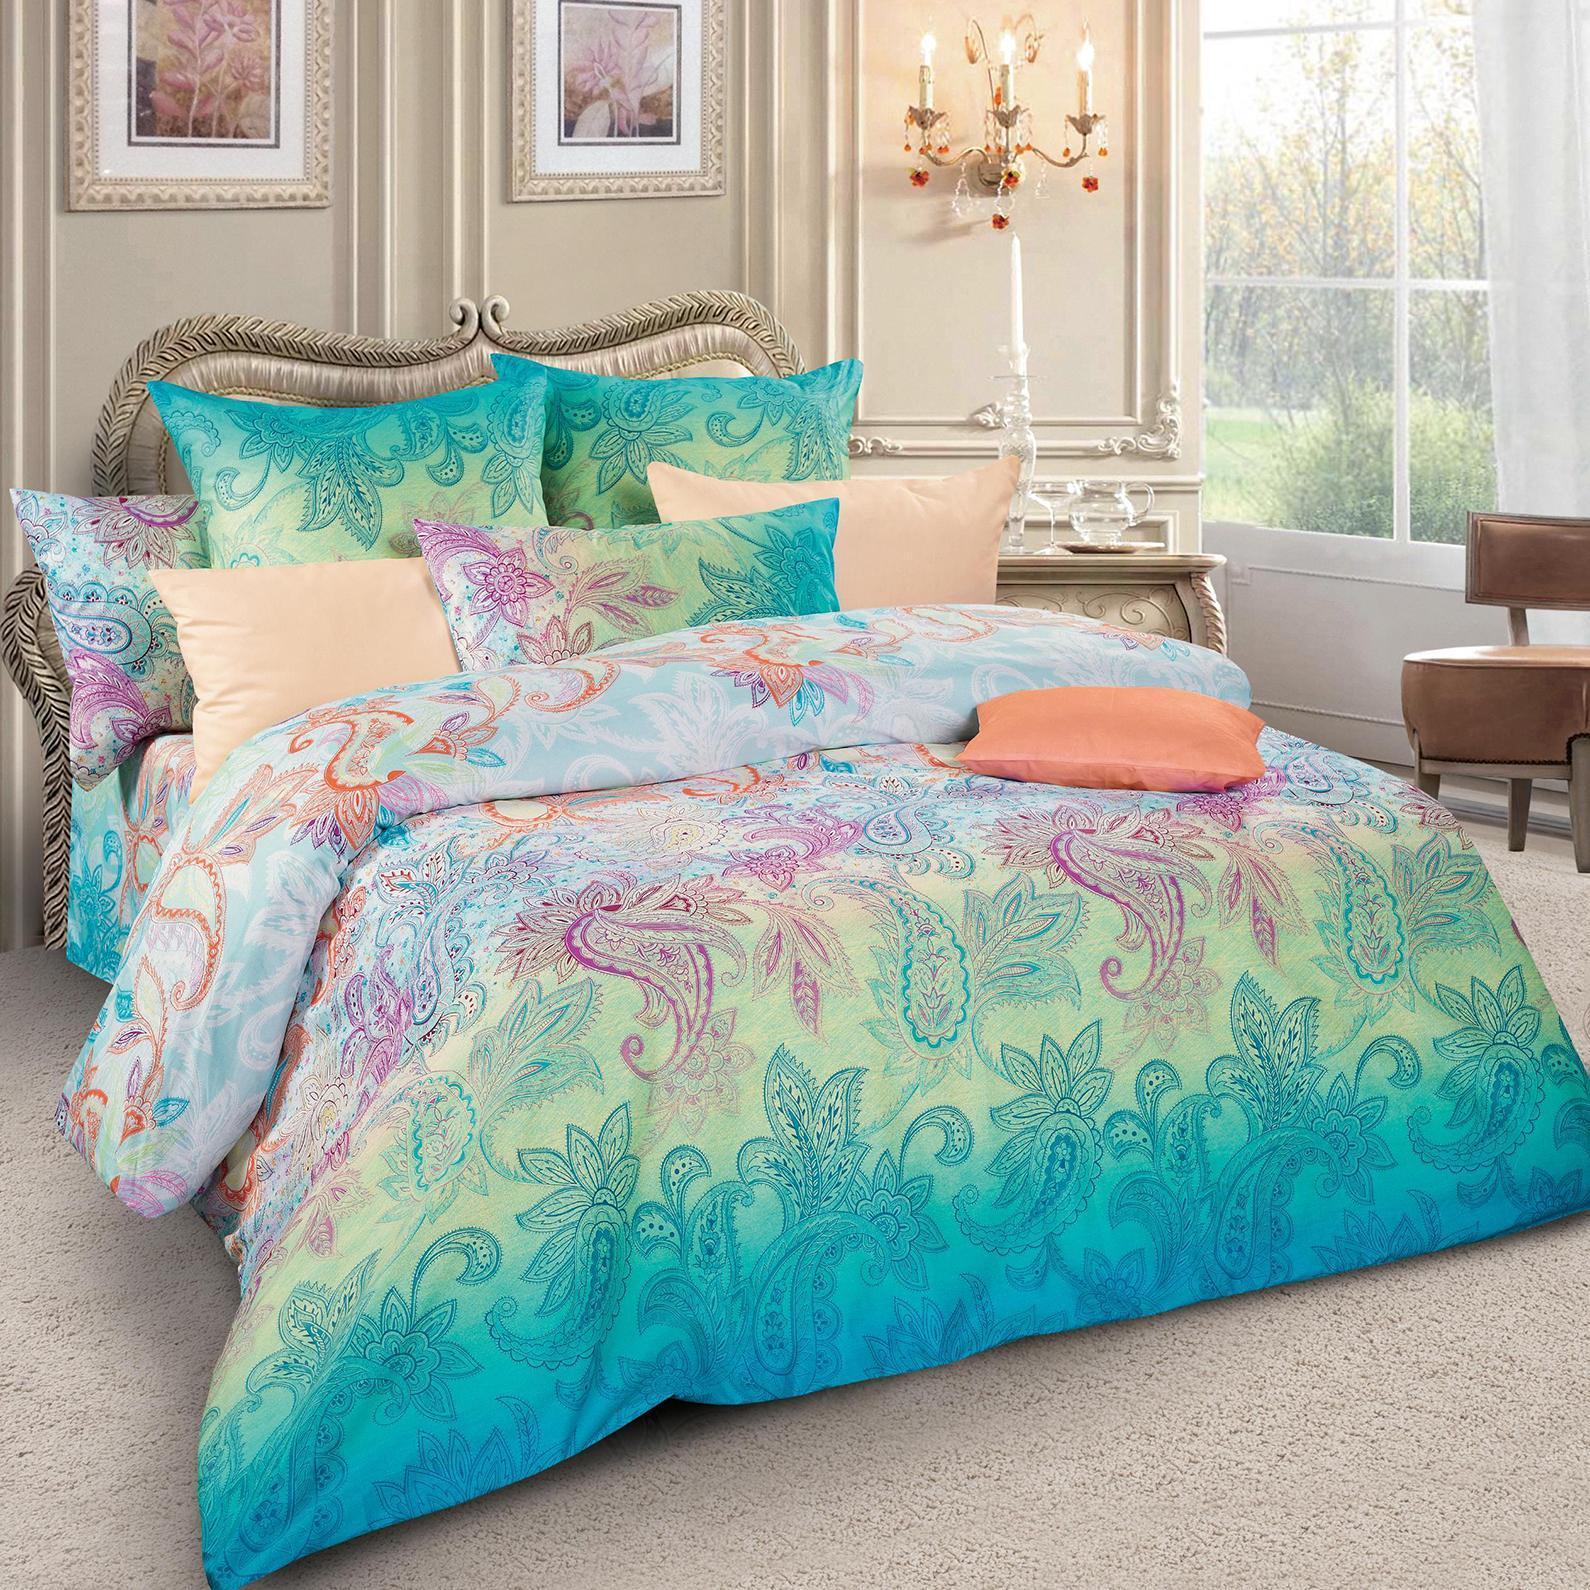 Комплект белья Letto, 2-спальный, наволочки 70х70, цвет: Мультиколор. sm48-4